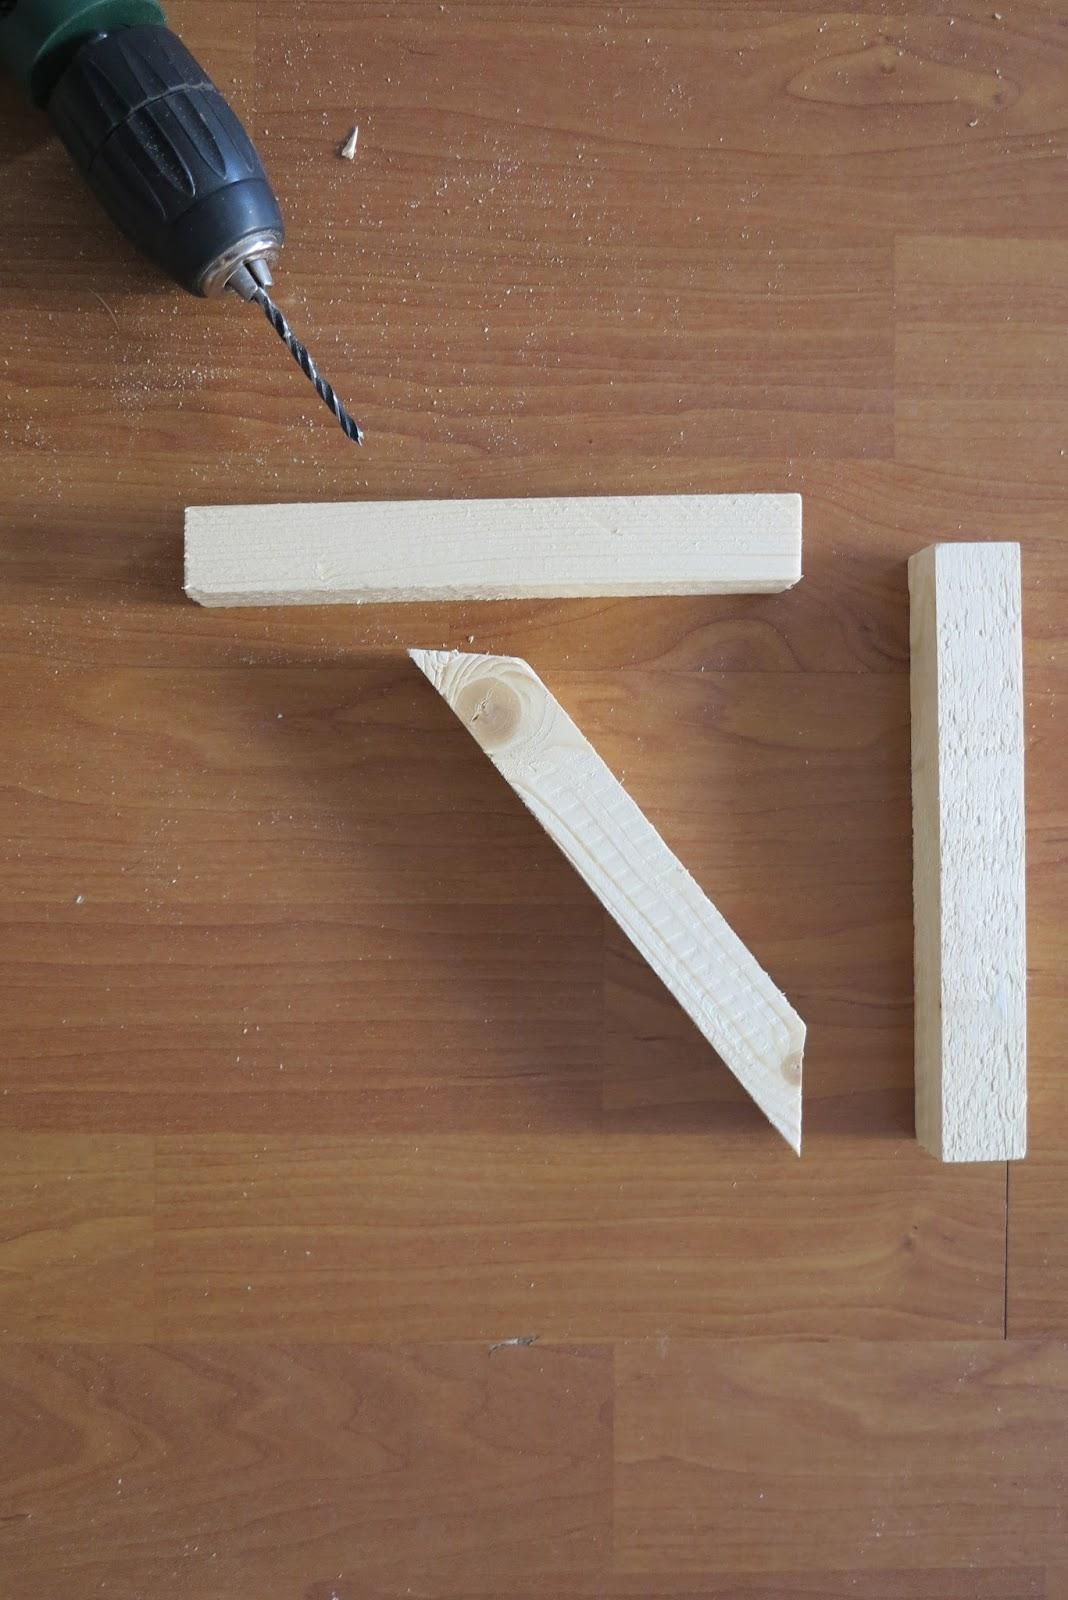 Diy escuadras de madera handbox craft lovers comunidad diy tutoriales diy kits diy - Balda de madera ...